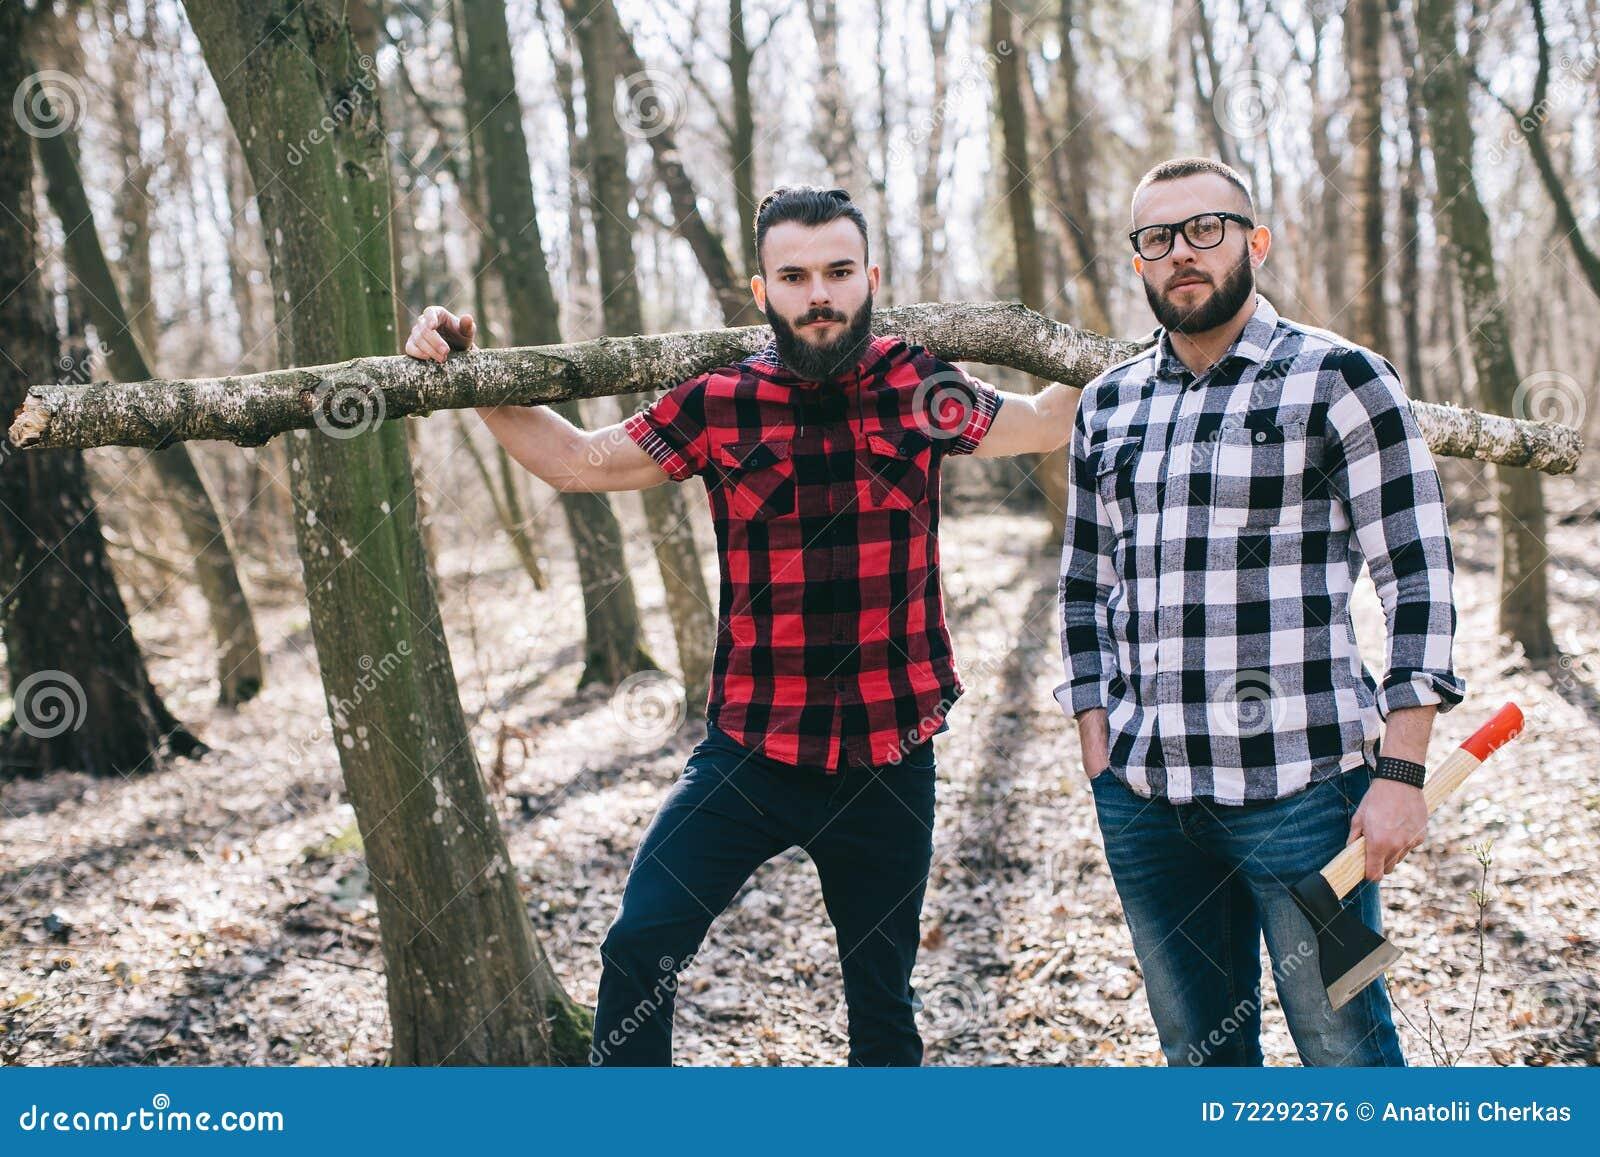 Download Сильный Lumberjack прерывая древесину Стоковое Фото - изображение насчитывающей отрезок, природа: 72292376